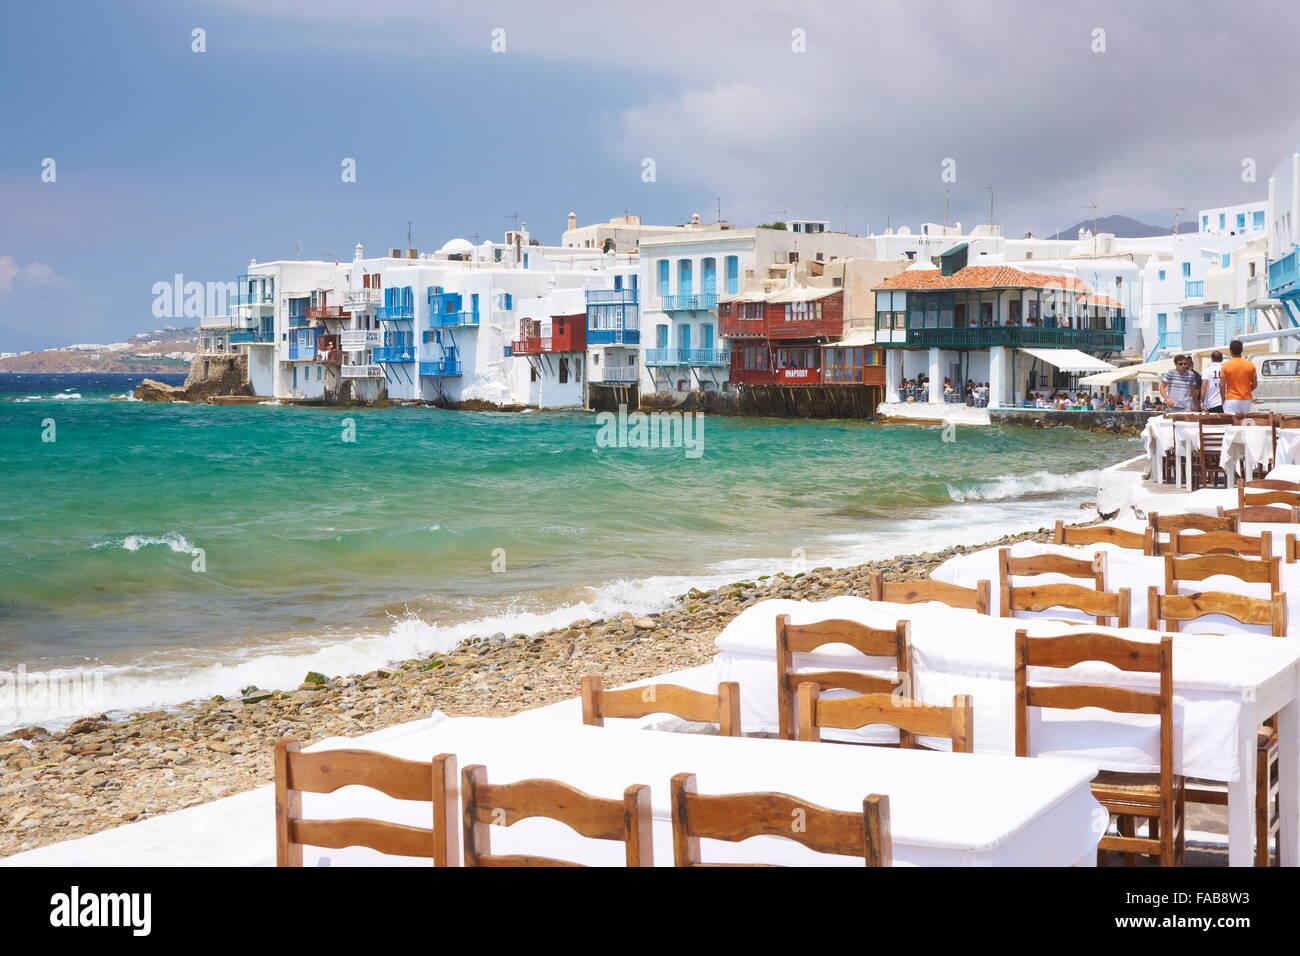 Piscine en plein air à l'île de Mykonos, Cyclades, Grèce Photo Stock